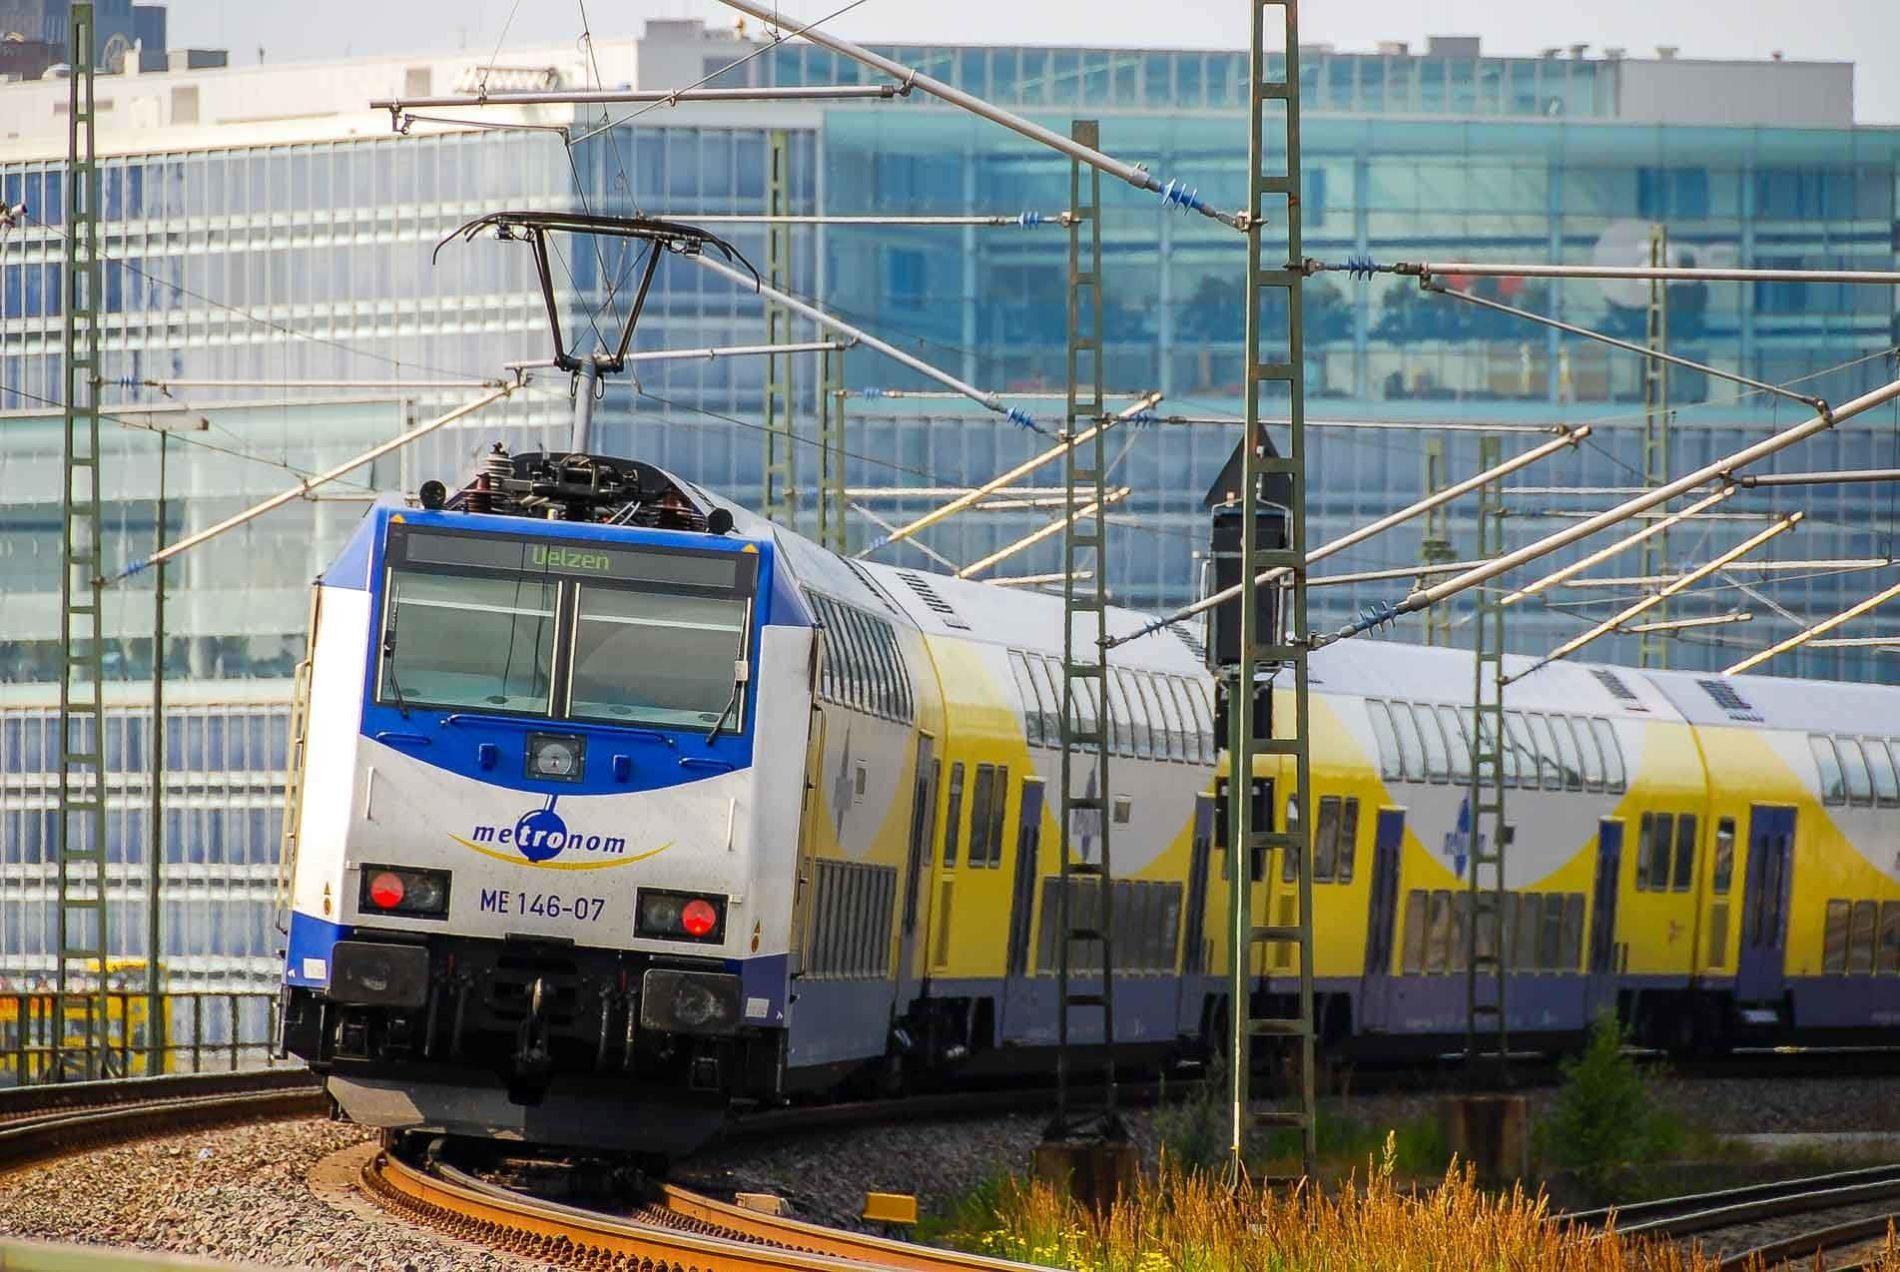 Metronom-Zug in der HafenCity in Hamburg